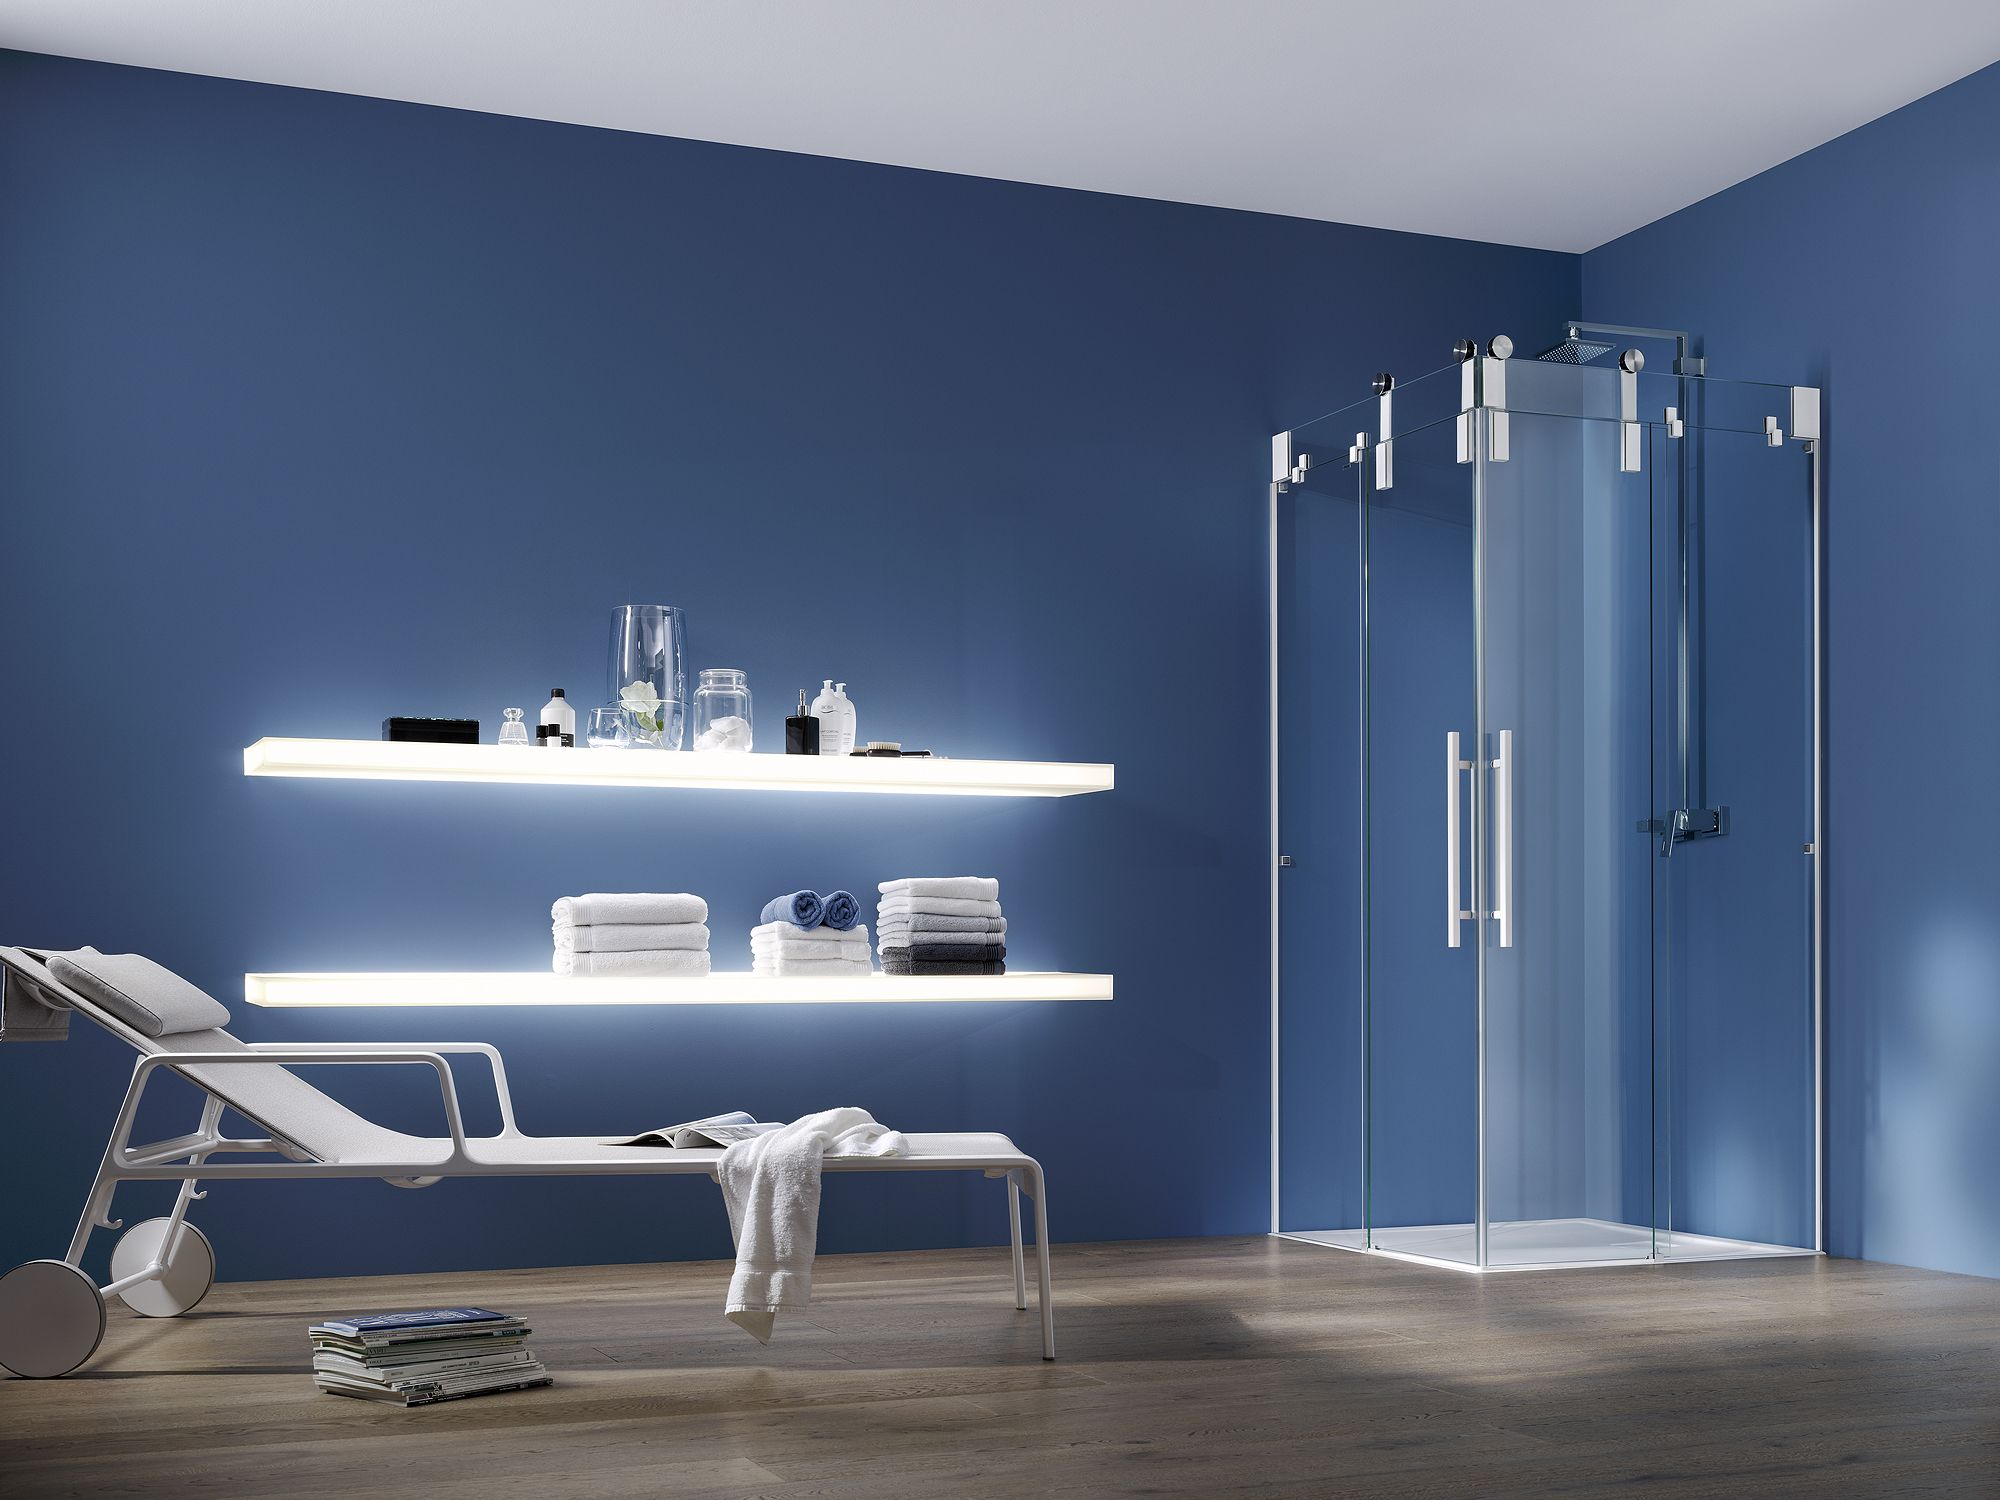 PALME® Duschkabine für das Badezimmer. Dusche